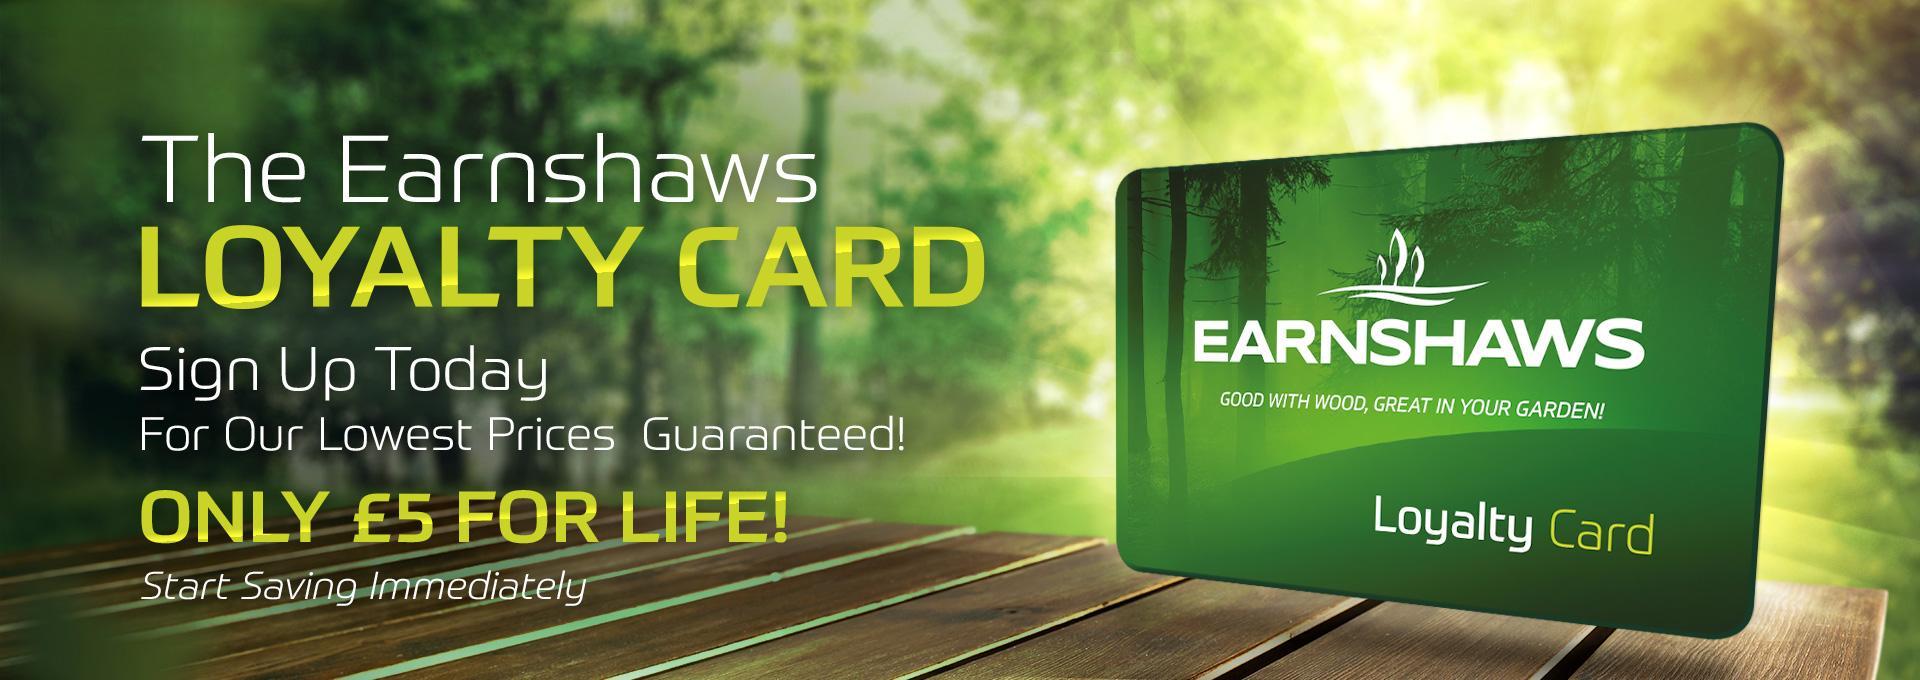 loyalty card at earnshaws fencing centres